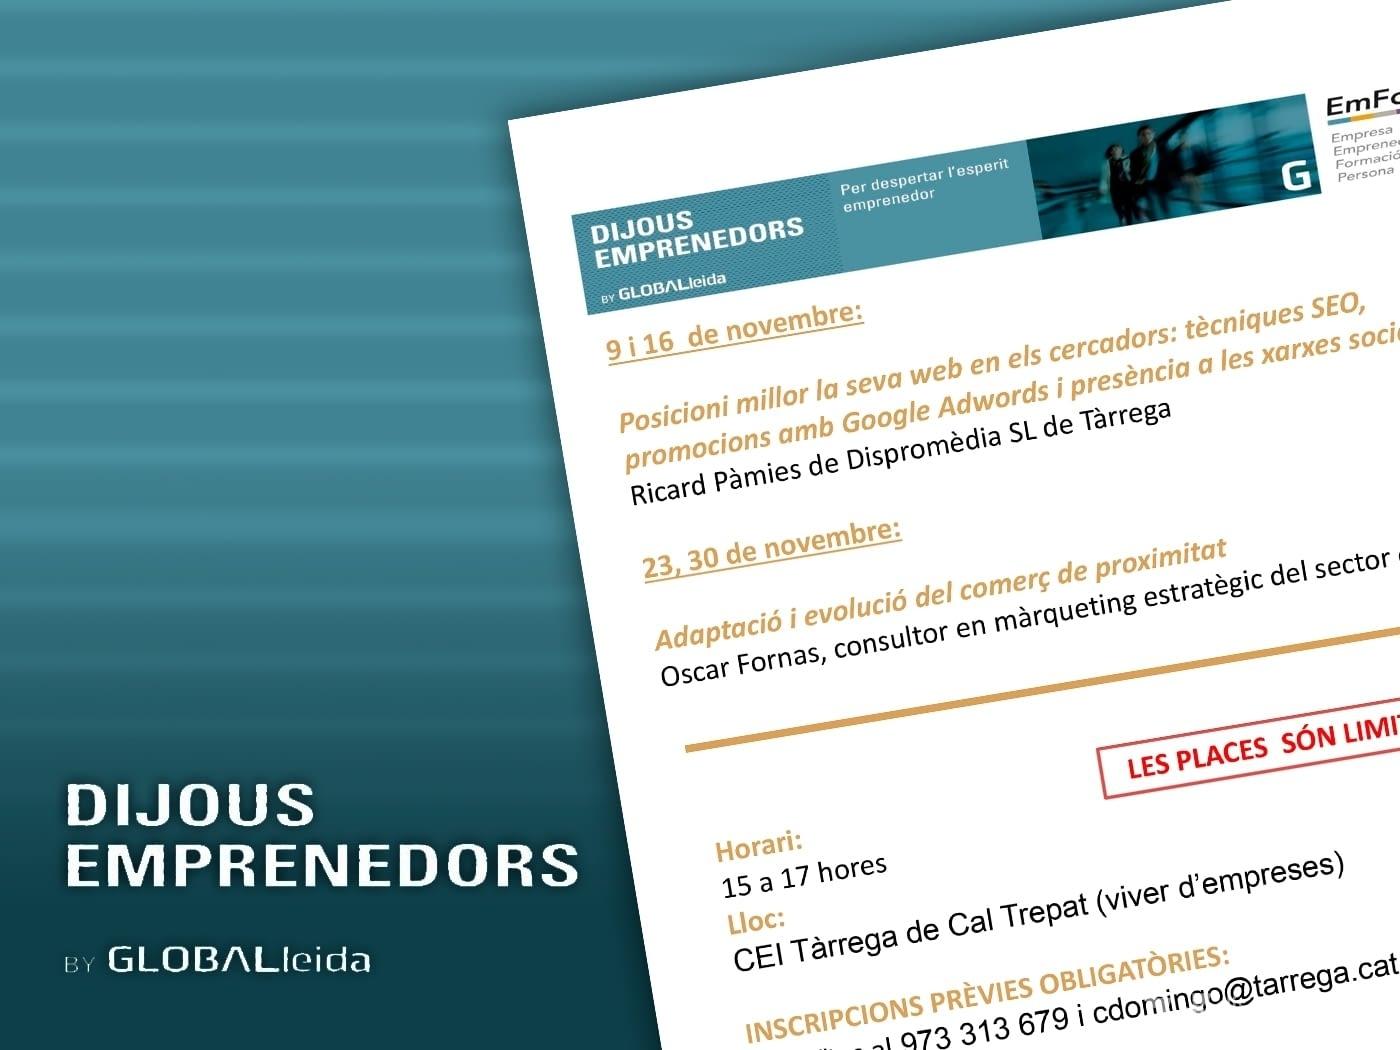 """Dispromèdia finalitza les jornades SEO dels  """"Dijous Emprenedors"""" a CEI Tàrrega"""